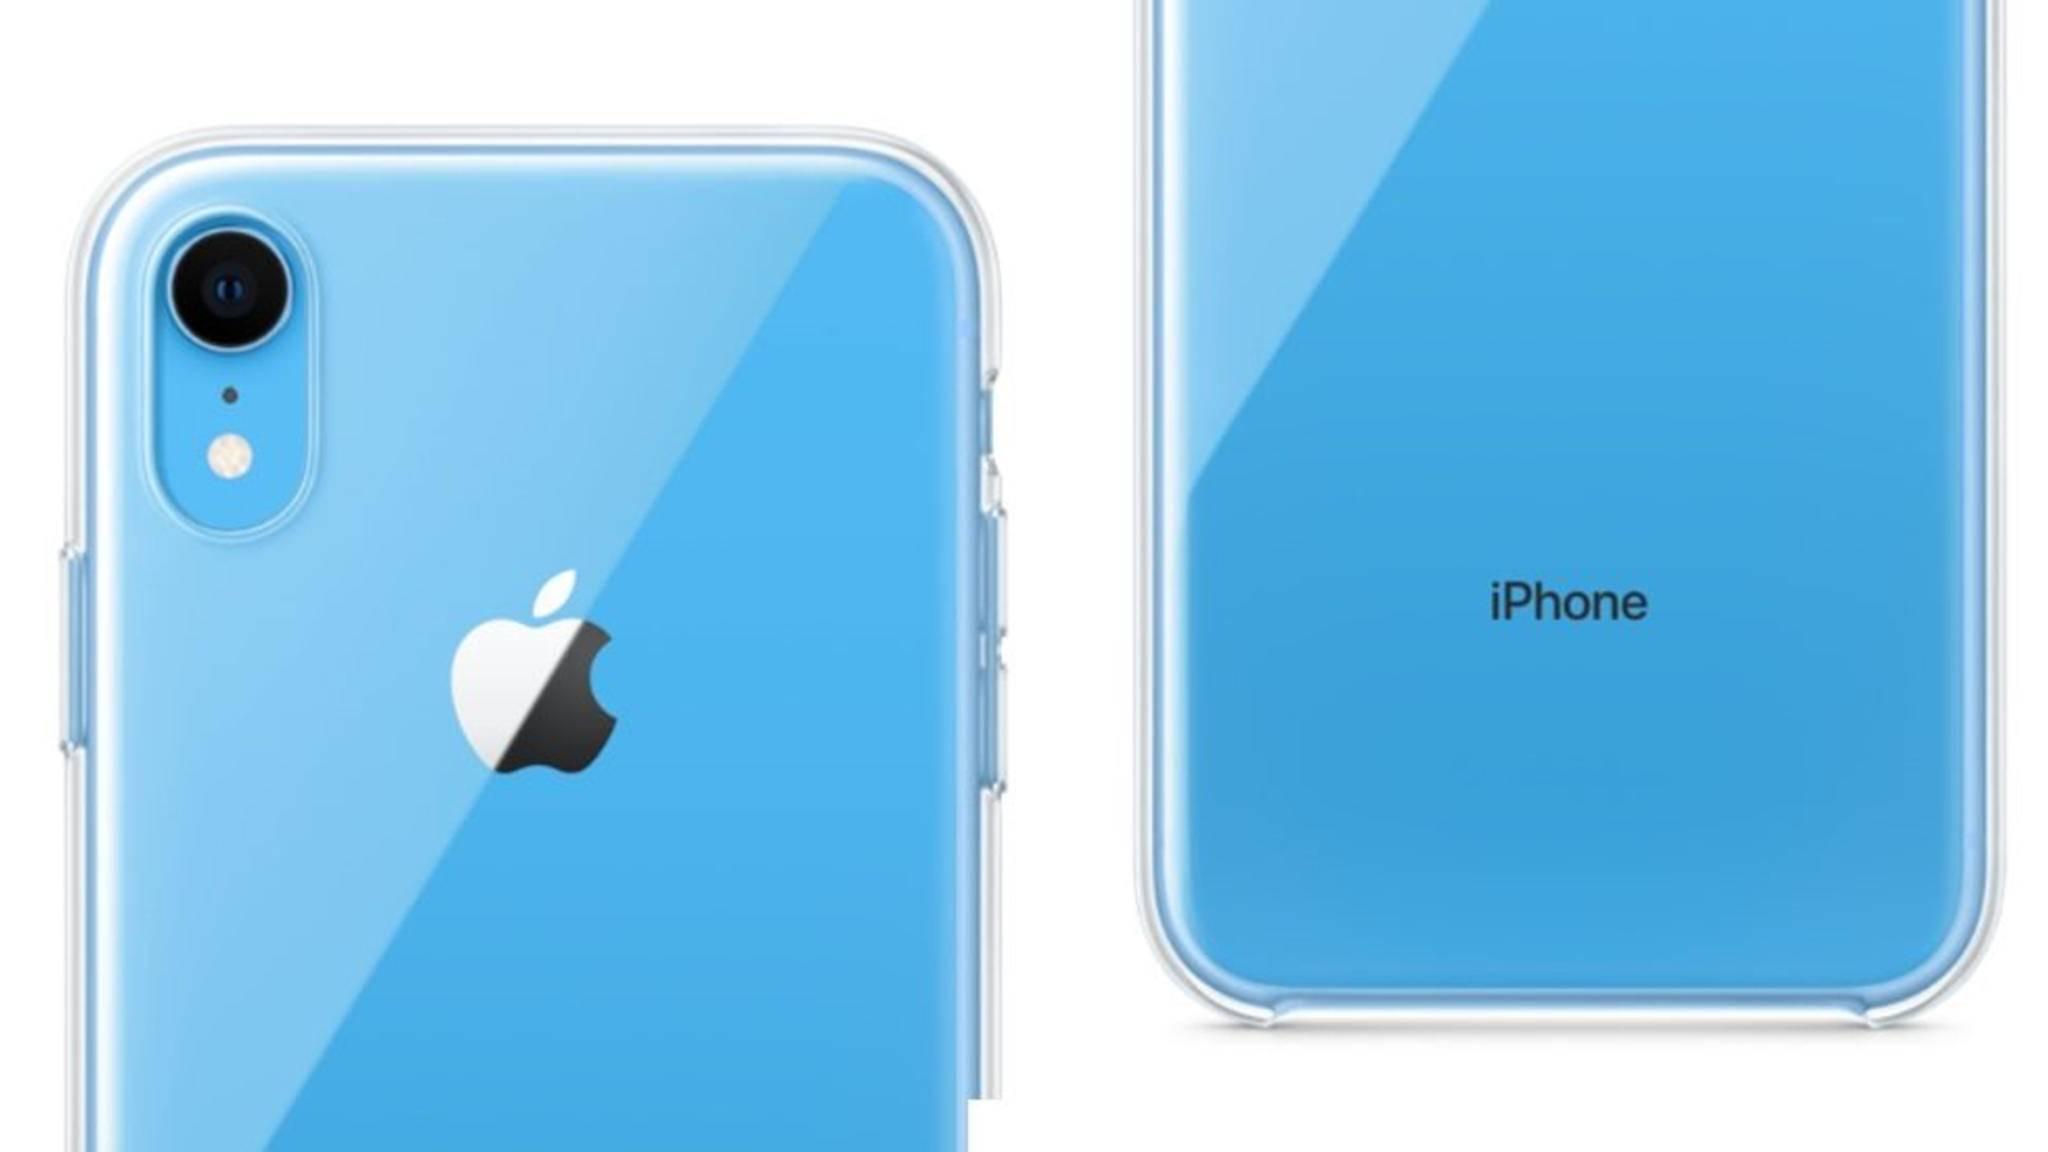 Sonderlich spektakulär sieht das Clear Case von Apple für das iPhone XR nicht aus.